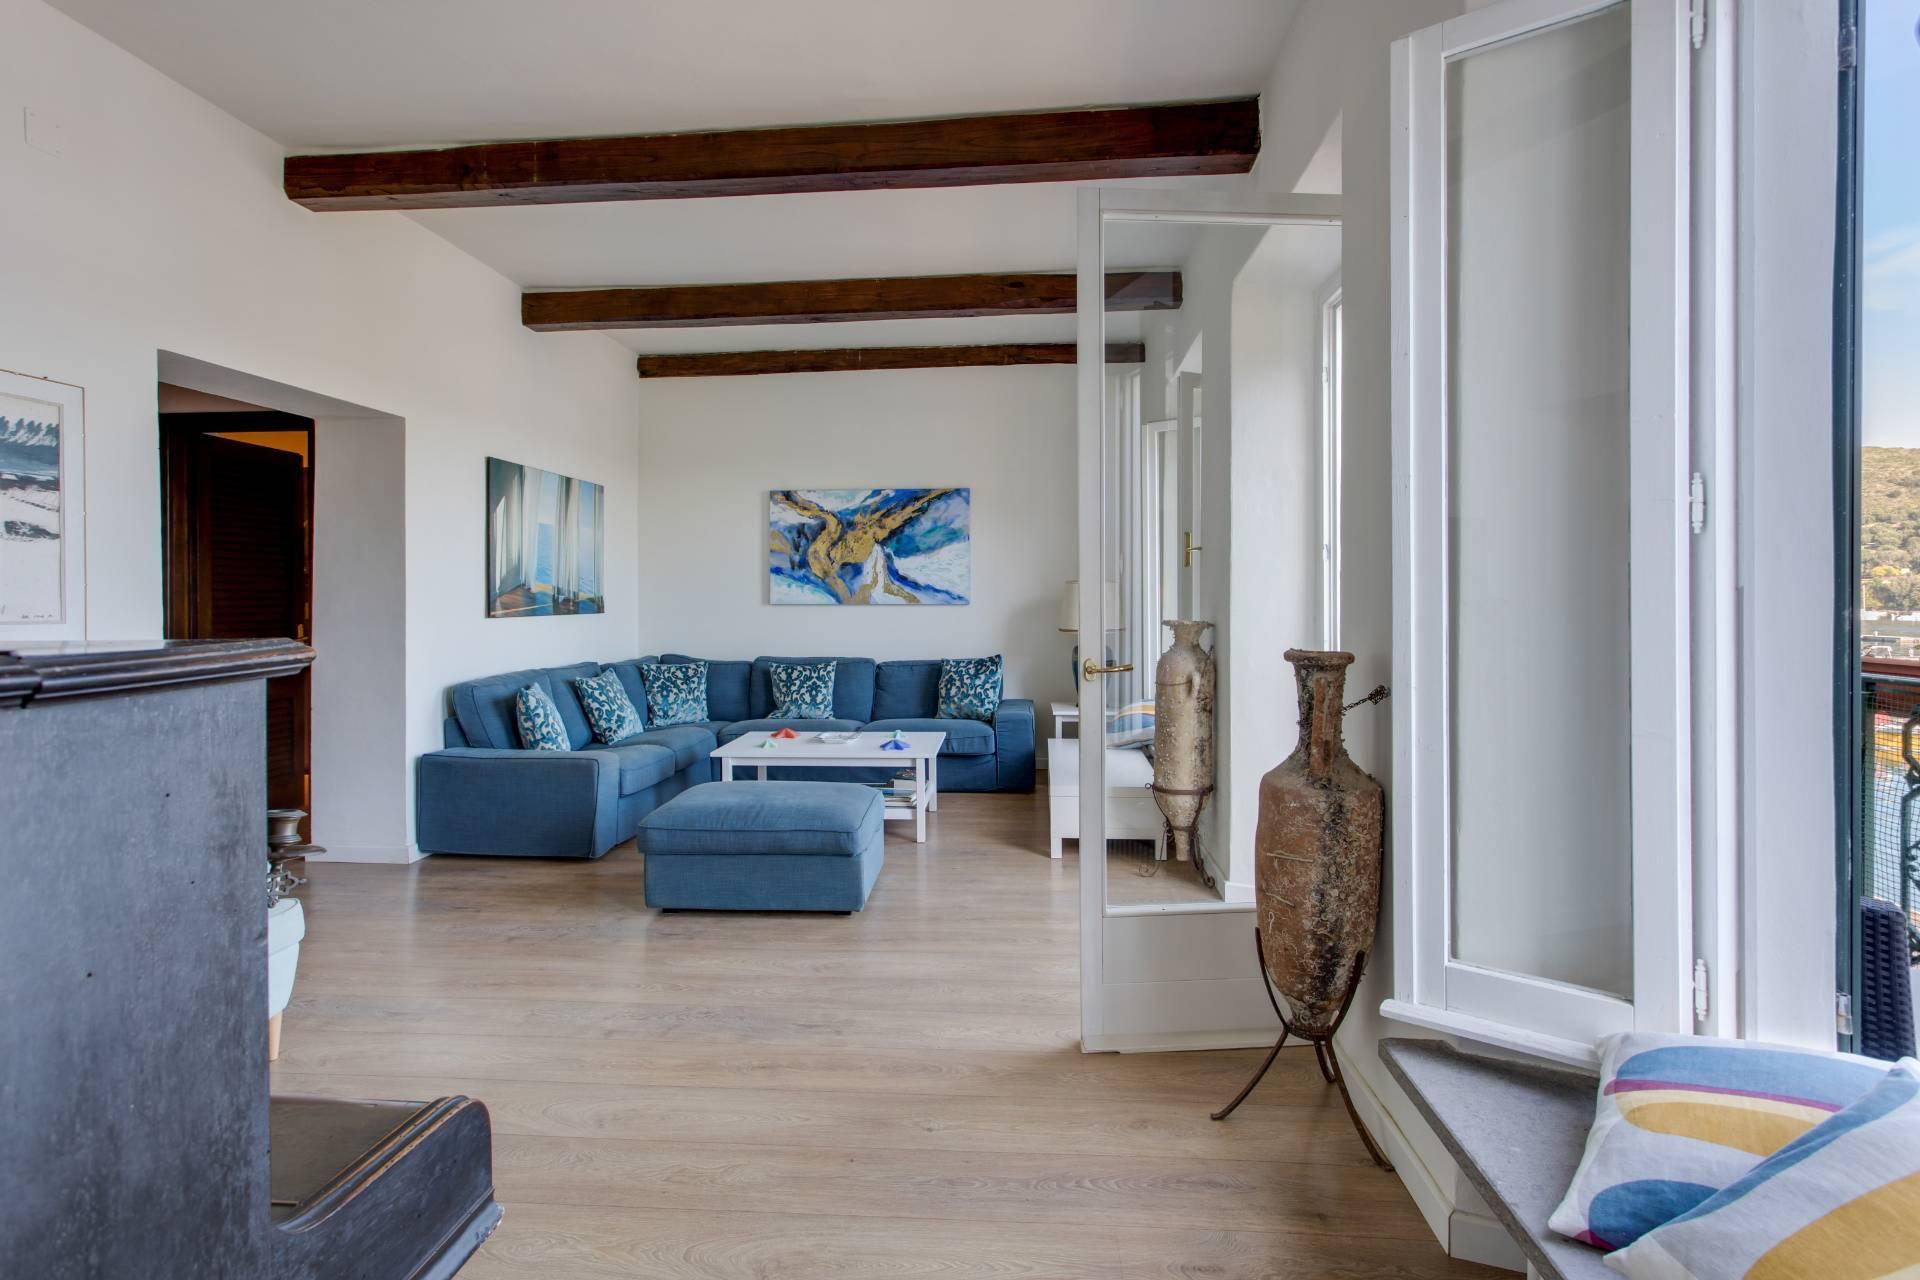 Casa indipendente in Vendita a Monte Argentario: 5 locali, 300 mq - Foto 15